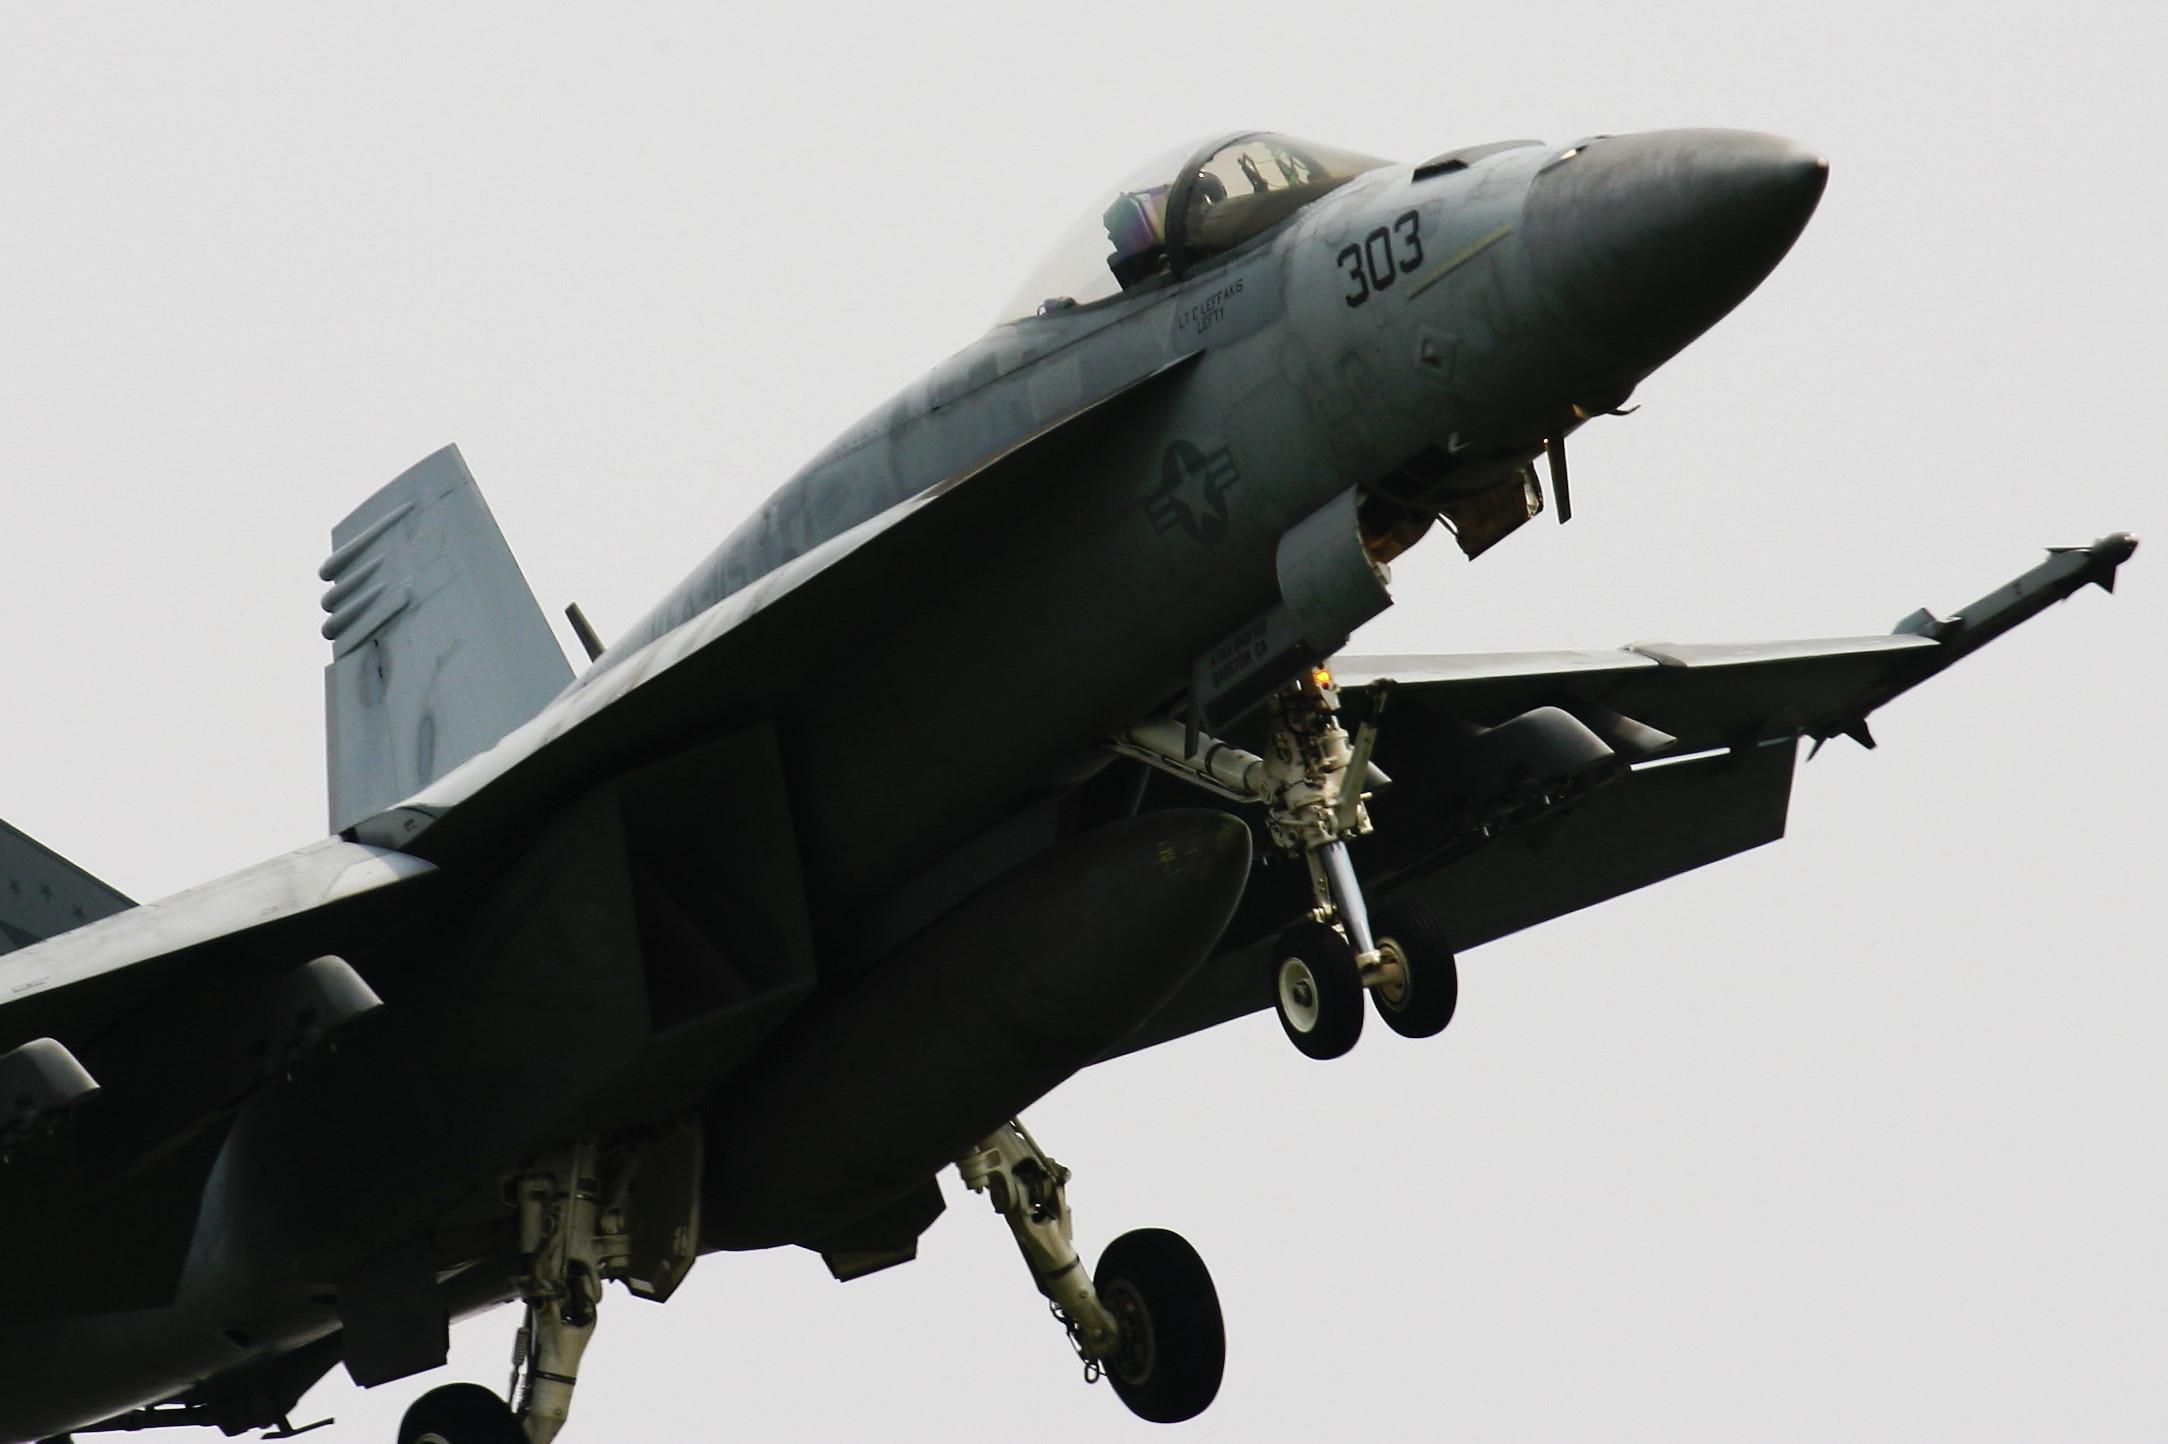 ドドぉ~んと、戦闘機の在庫整理です。_c0247982_22514878.jpg